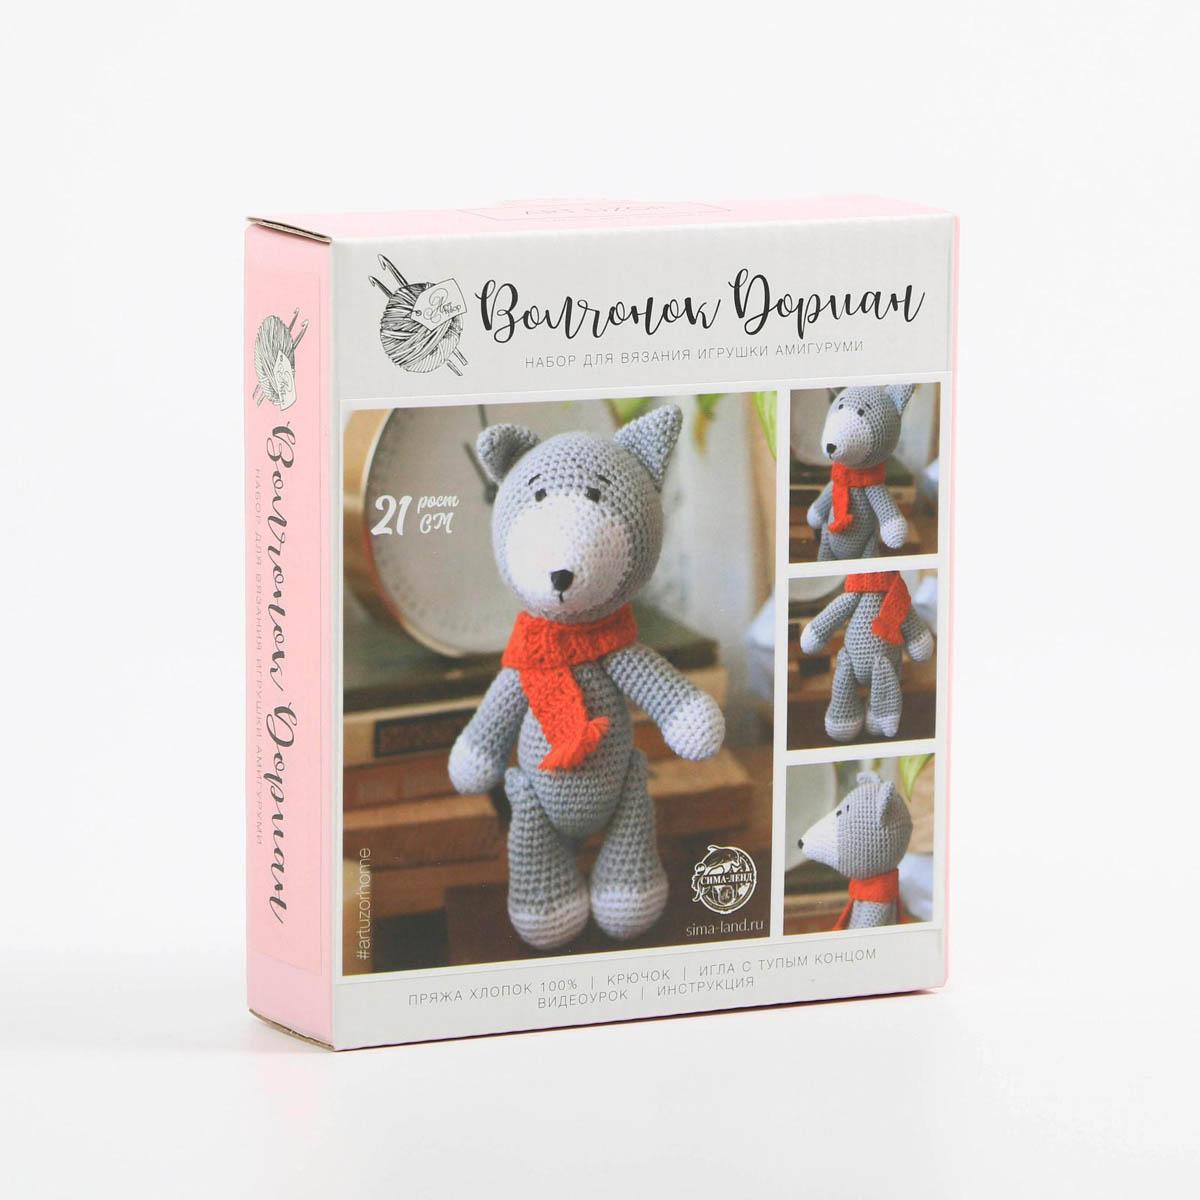 2724100 Амигуруми: Мягкая игрушка 'Волчонок Дориан', набор для вязания, 10* 4*14 см